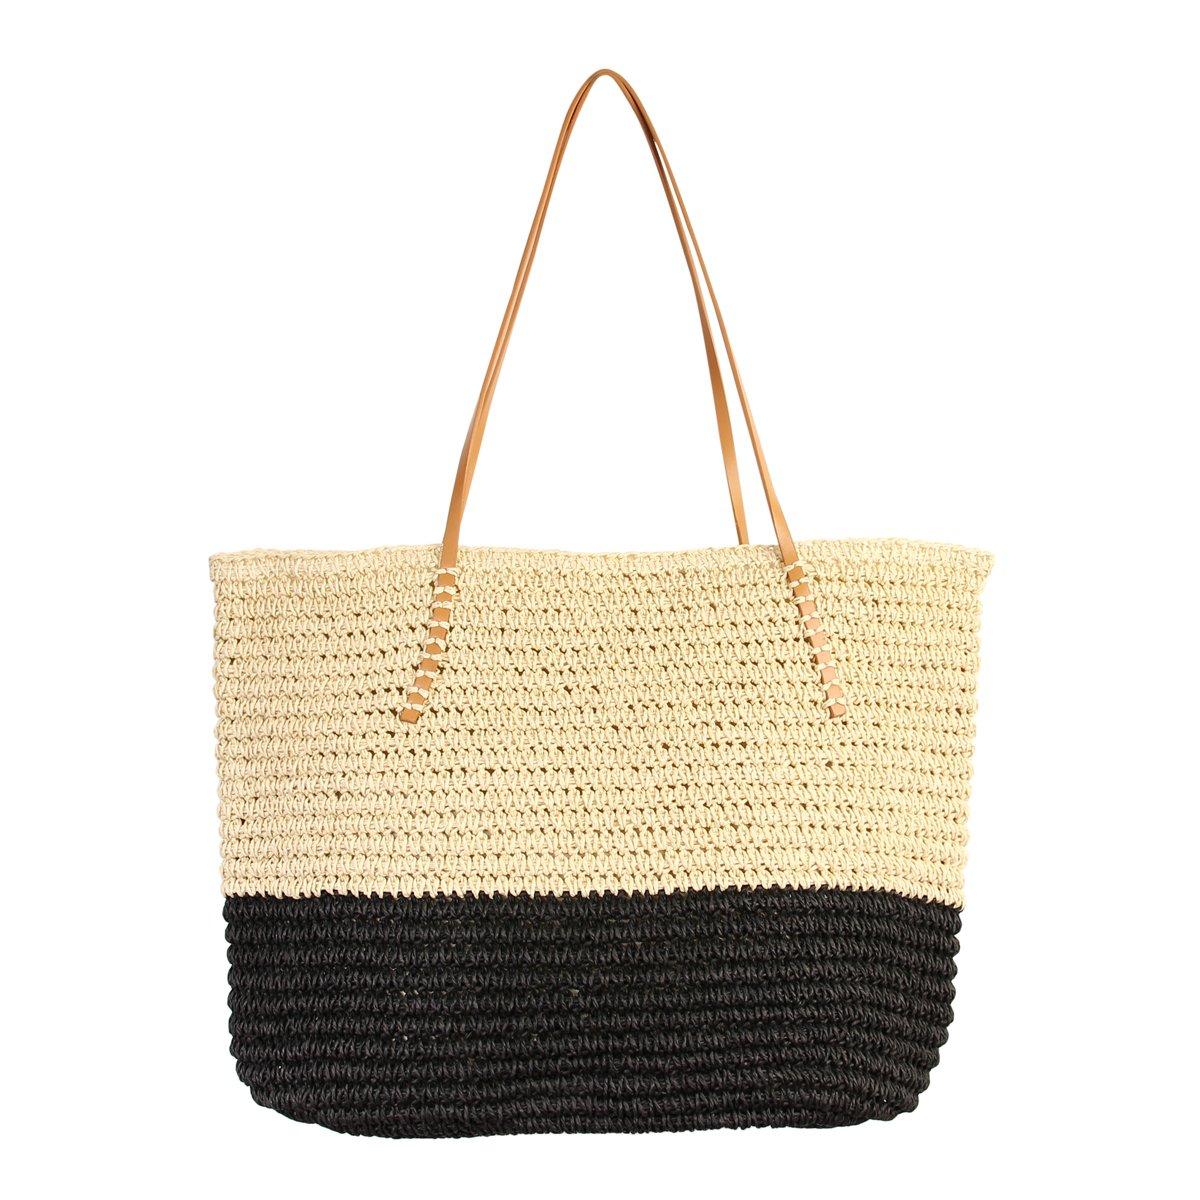 Amazon Riah Fashion Boho Rattan Crochet Straw Woven Basket Bali